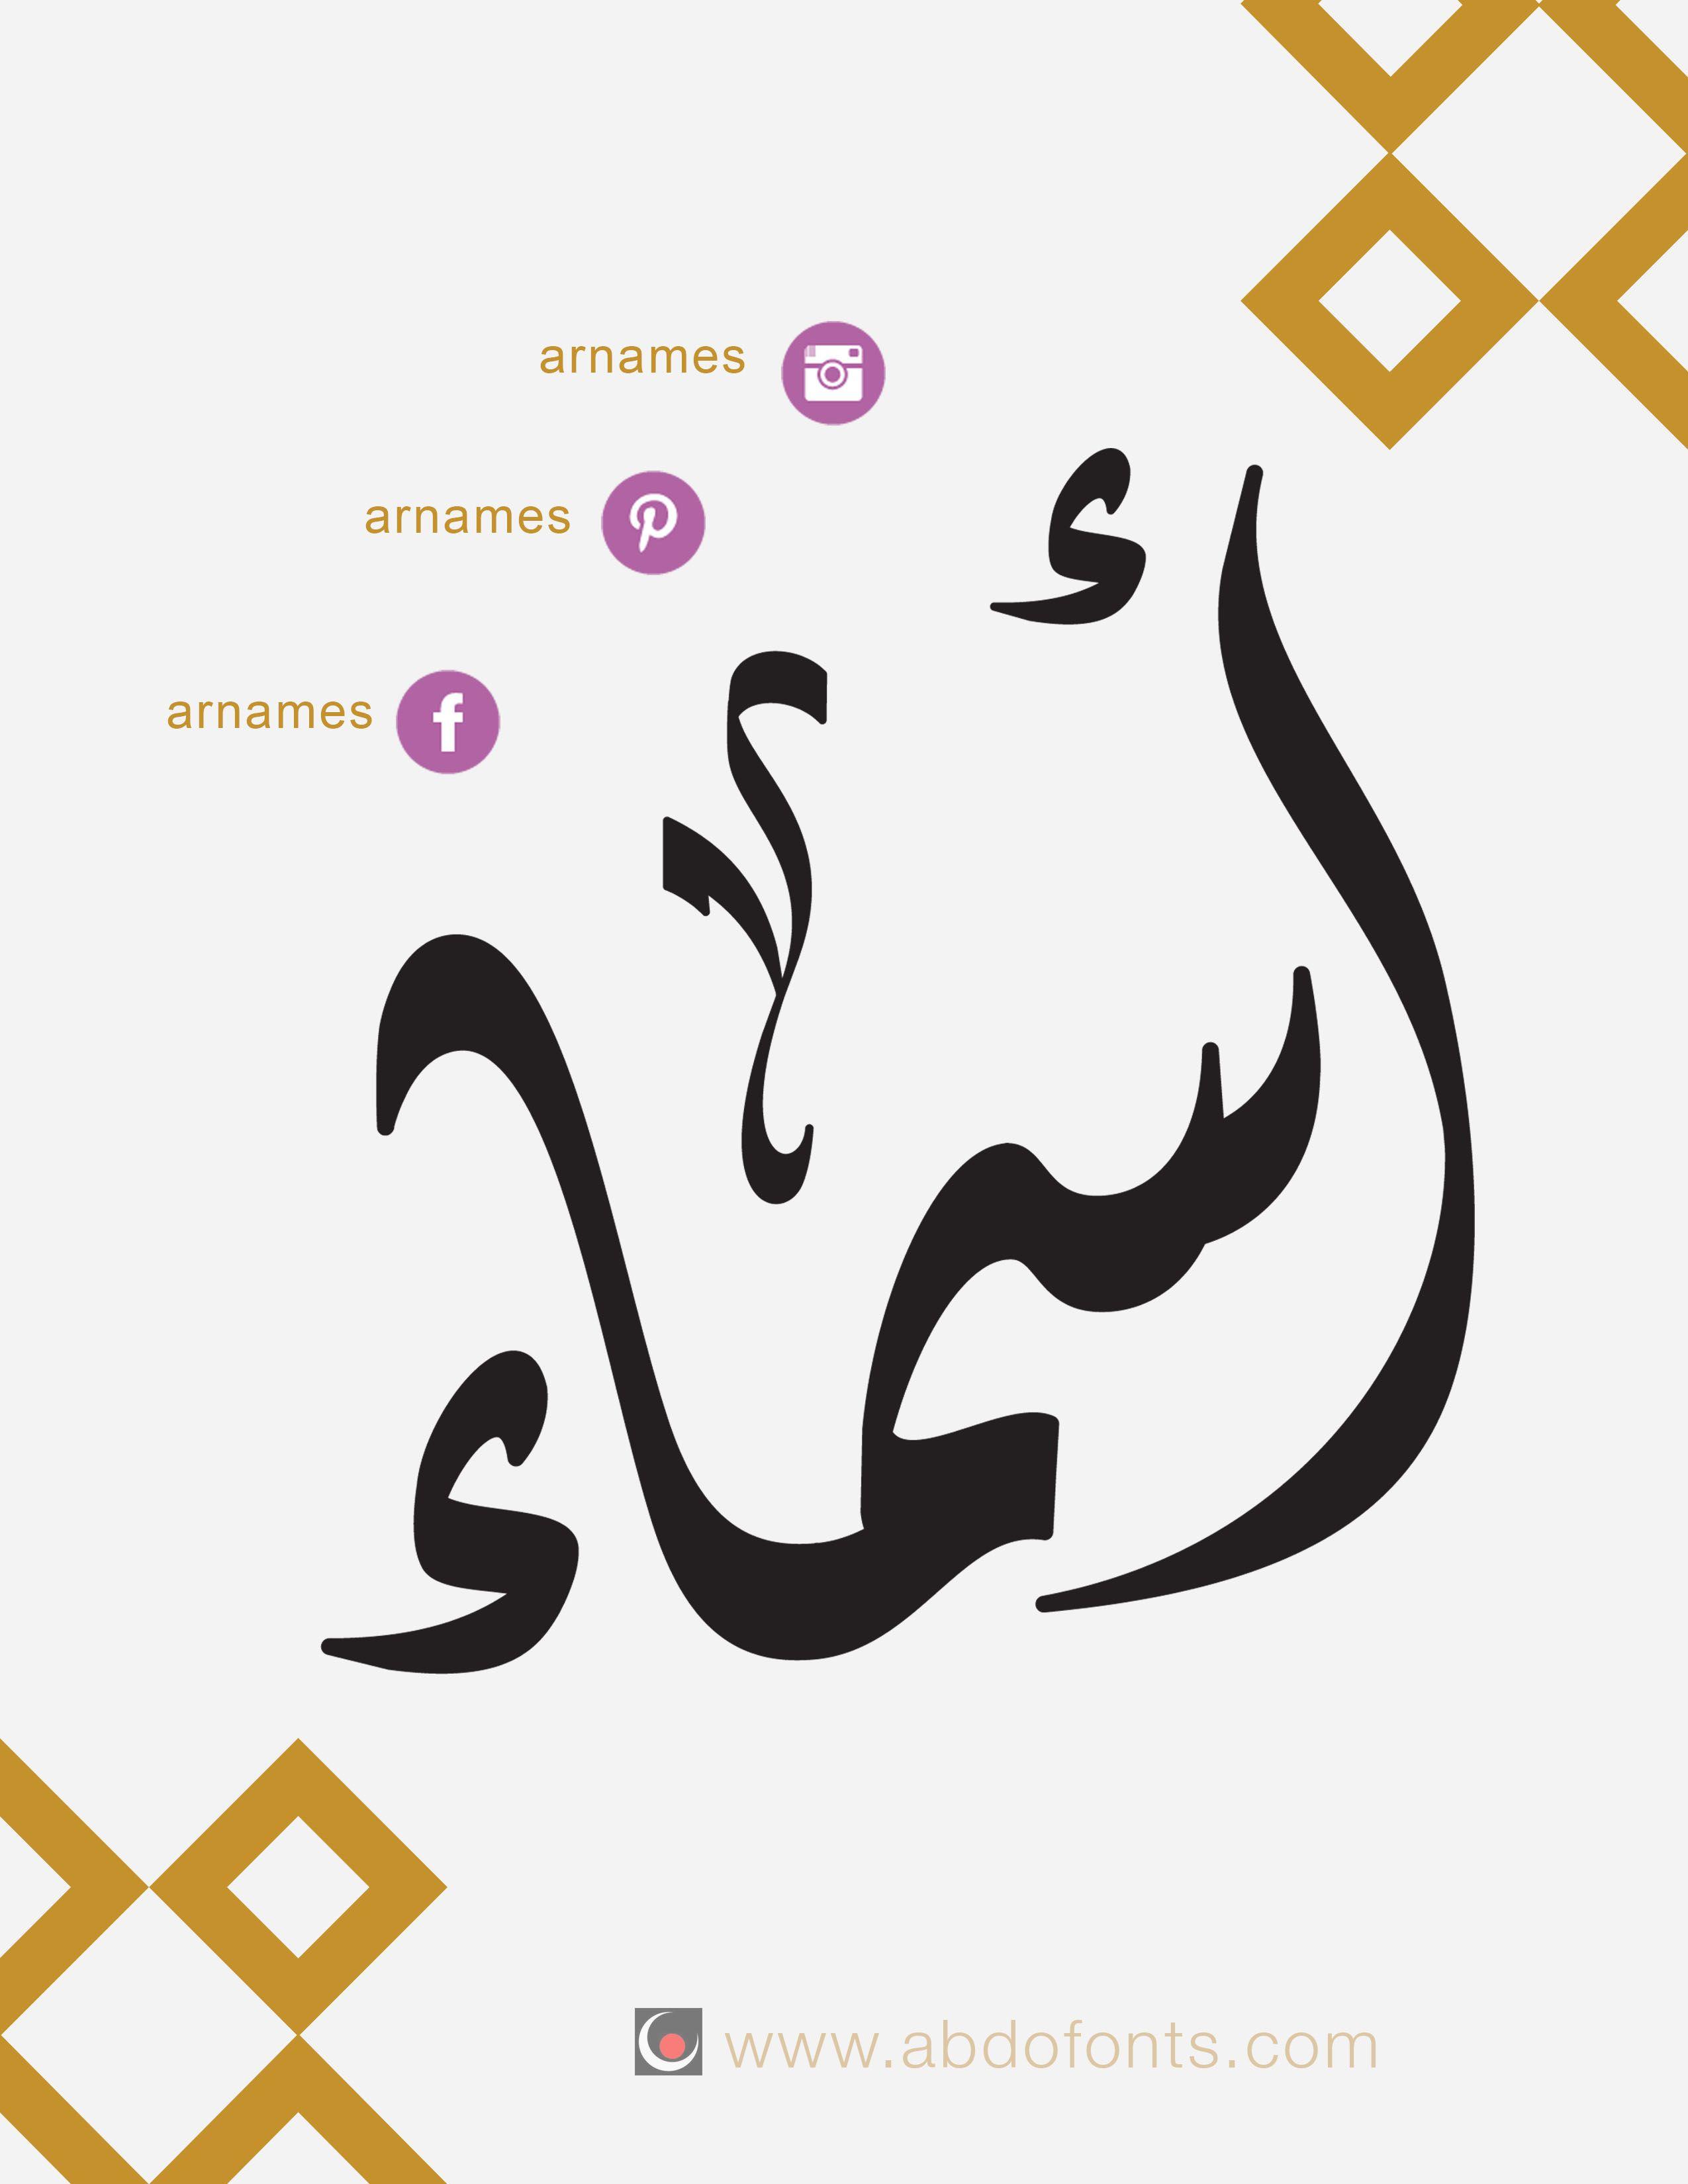 أسماء بالخط العربي معرض Abdo Fonts Islamic Art Calligraphy Islamic Calligraphy Calligraphy Art